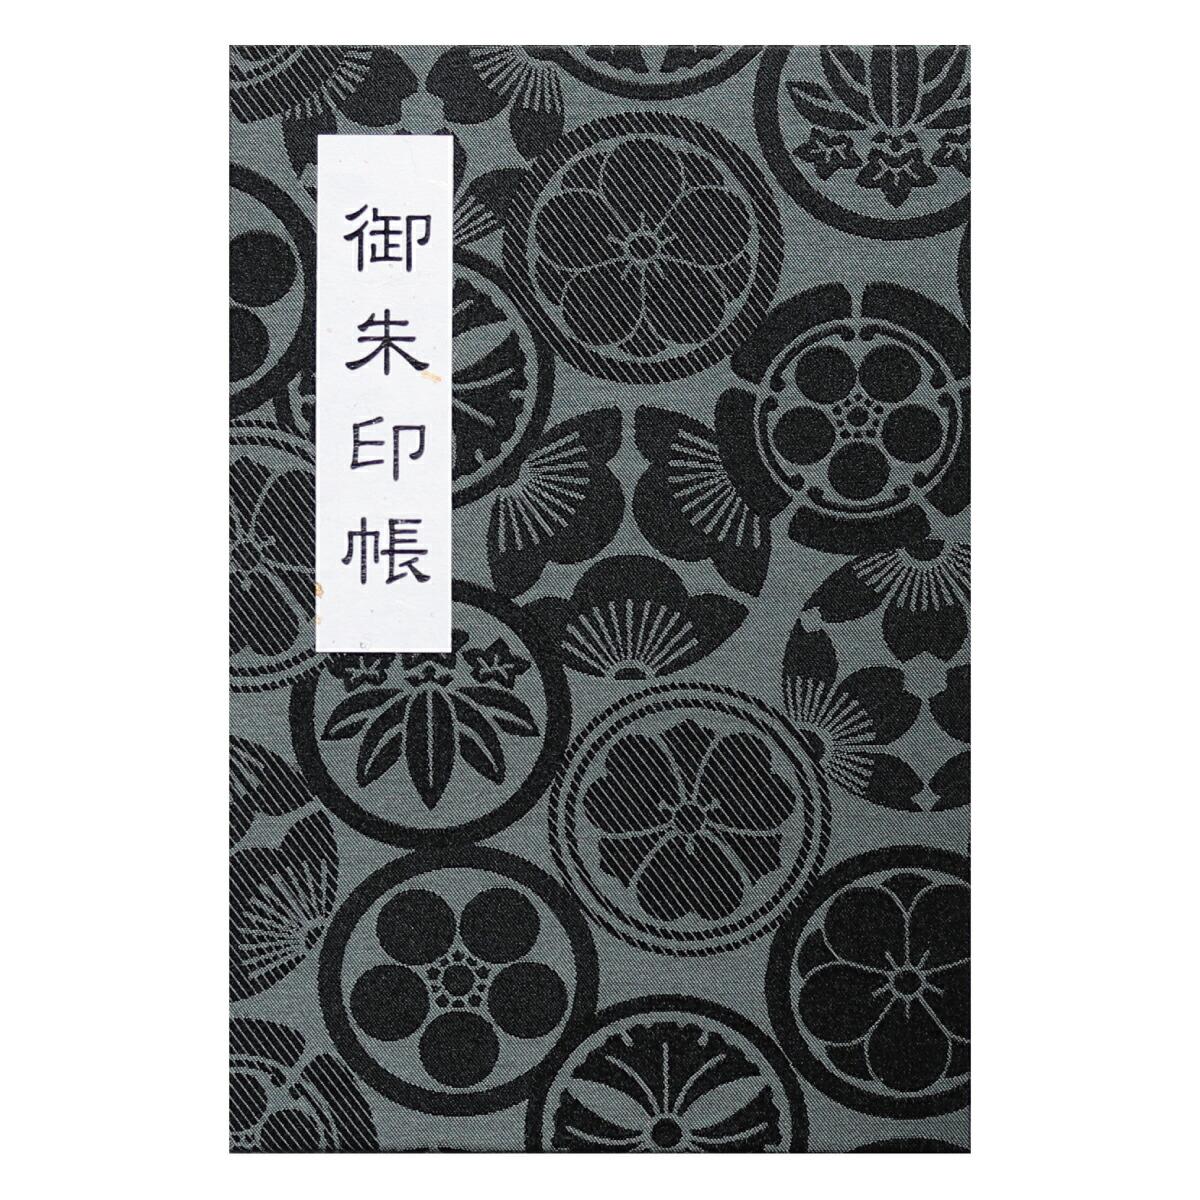 御朱印帳蛇腹式46ページ大判サイズ<花紋>藍